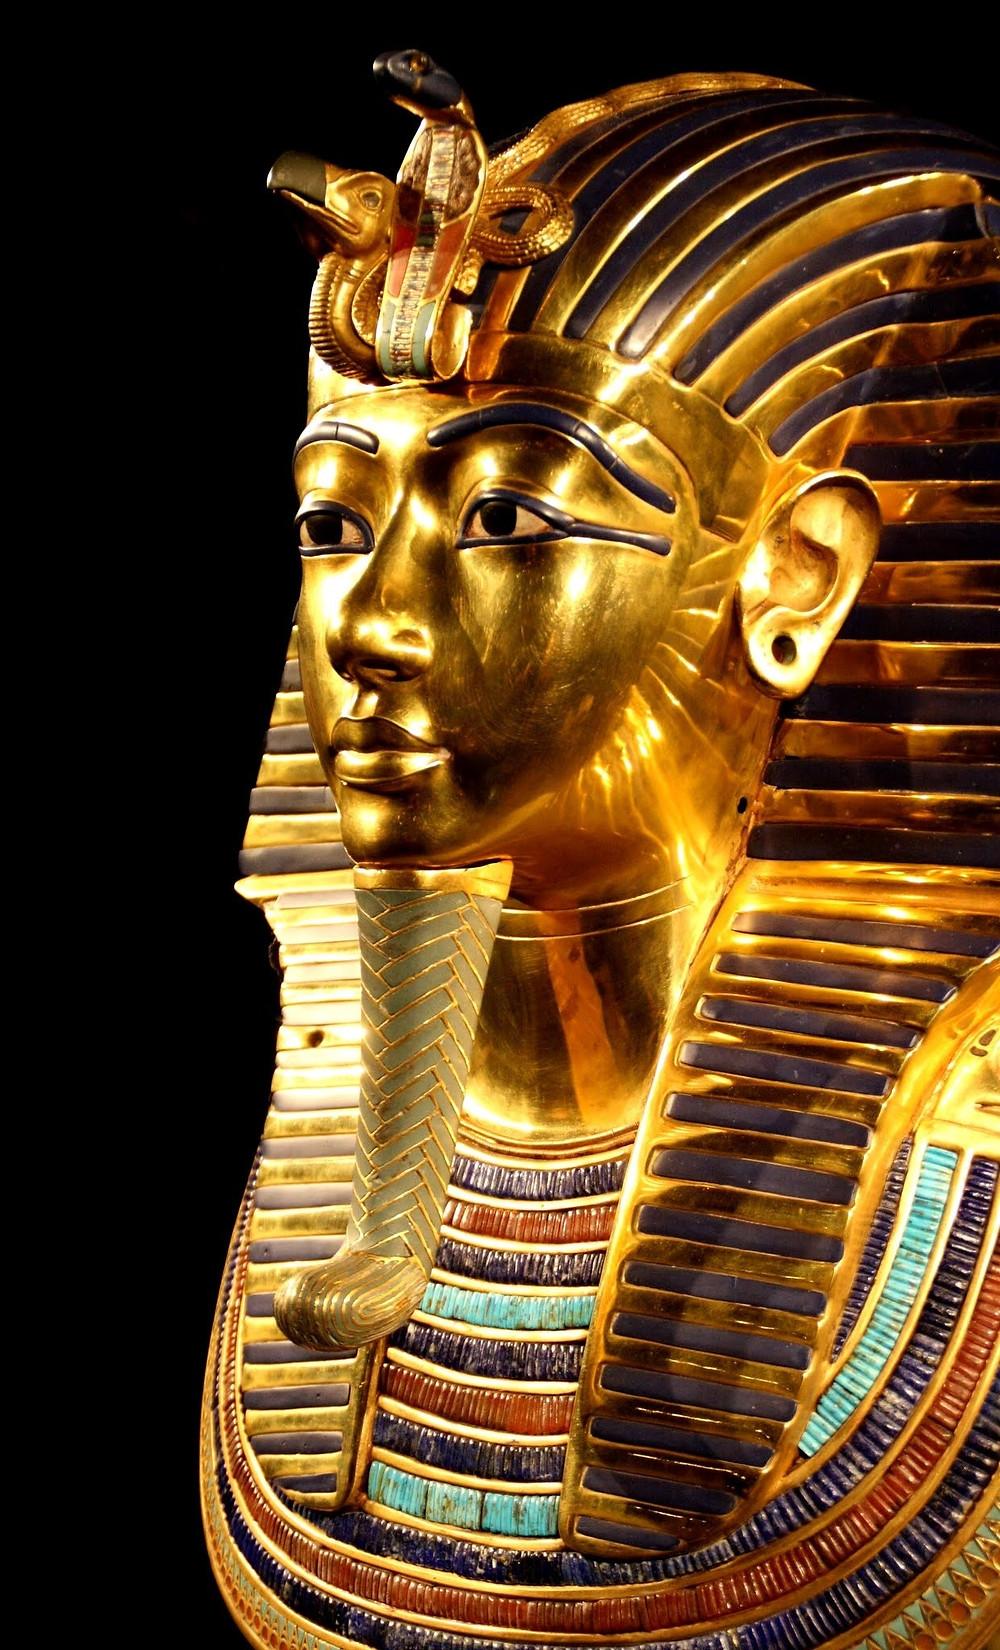 Gold Egyptian sculpture.